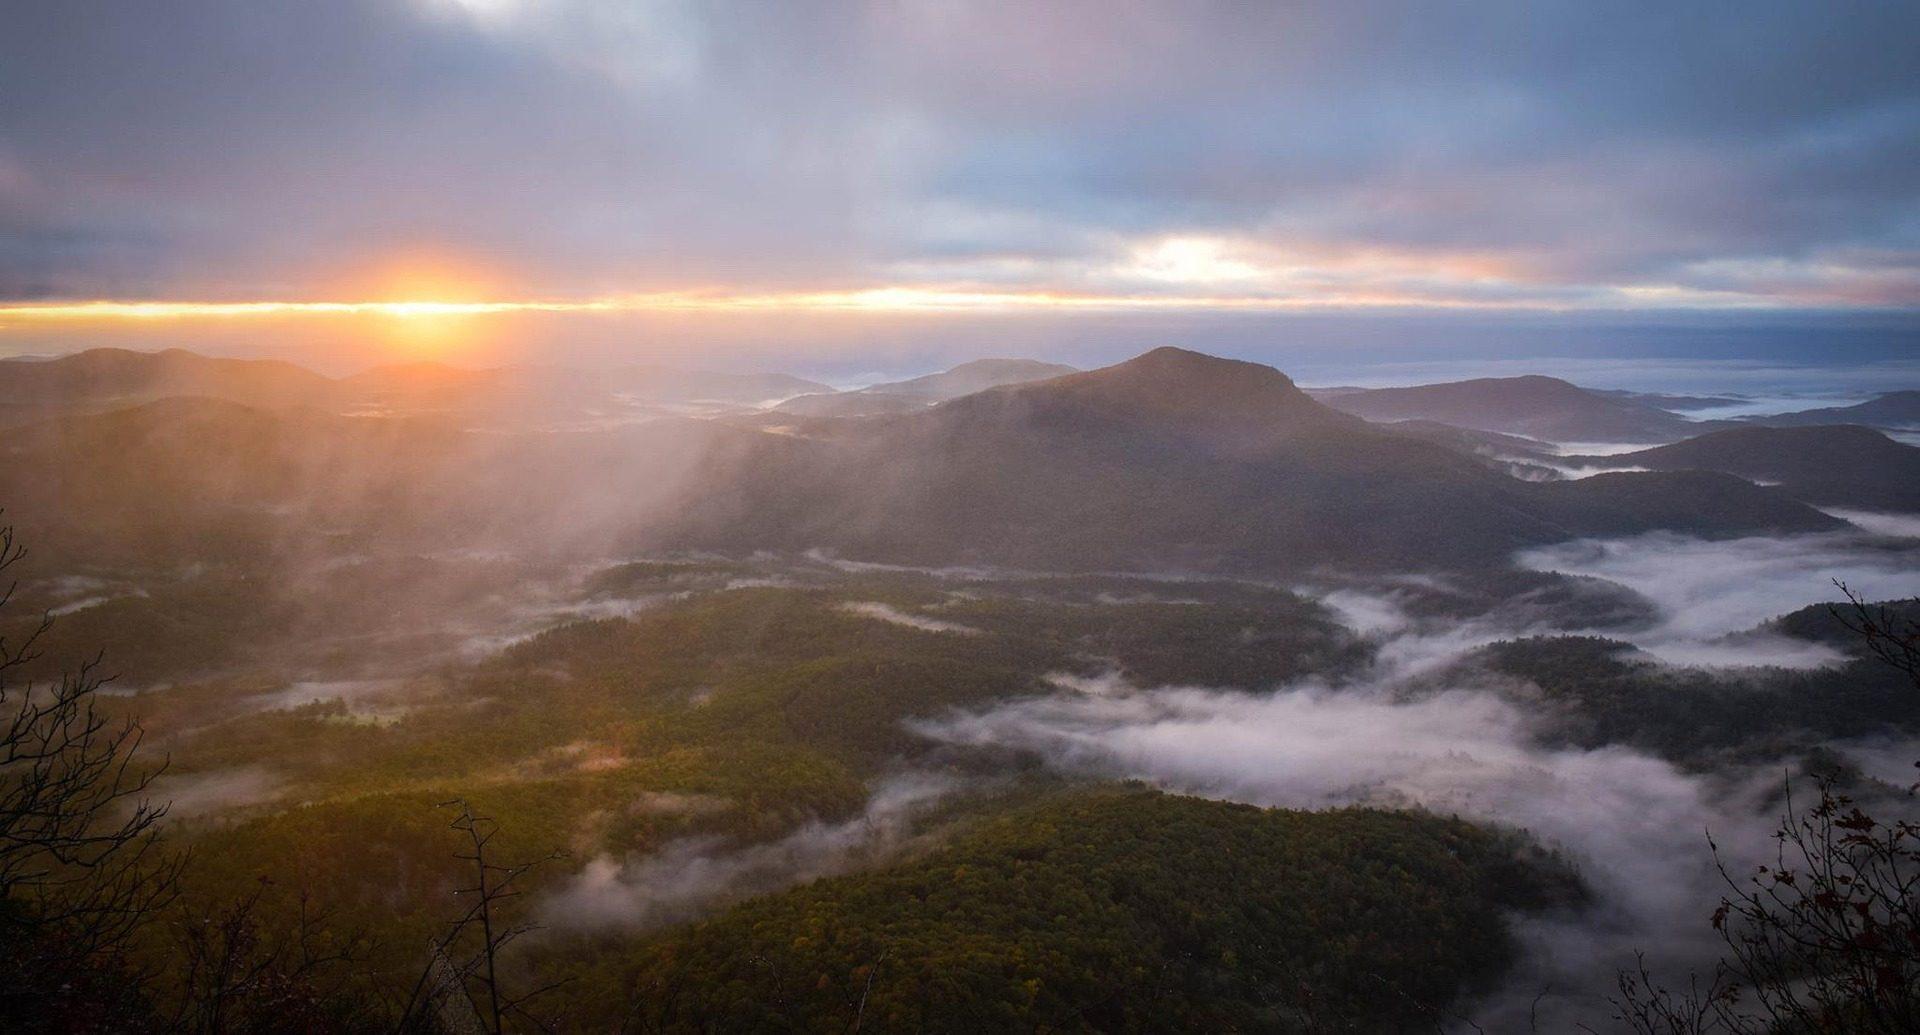 горы, облака, Высота, Горизонт, Солнце - Обои HD - Профессор falken.com